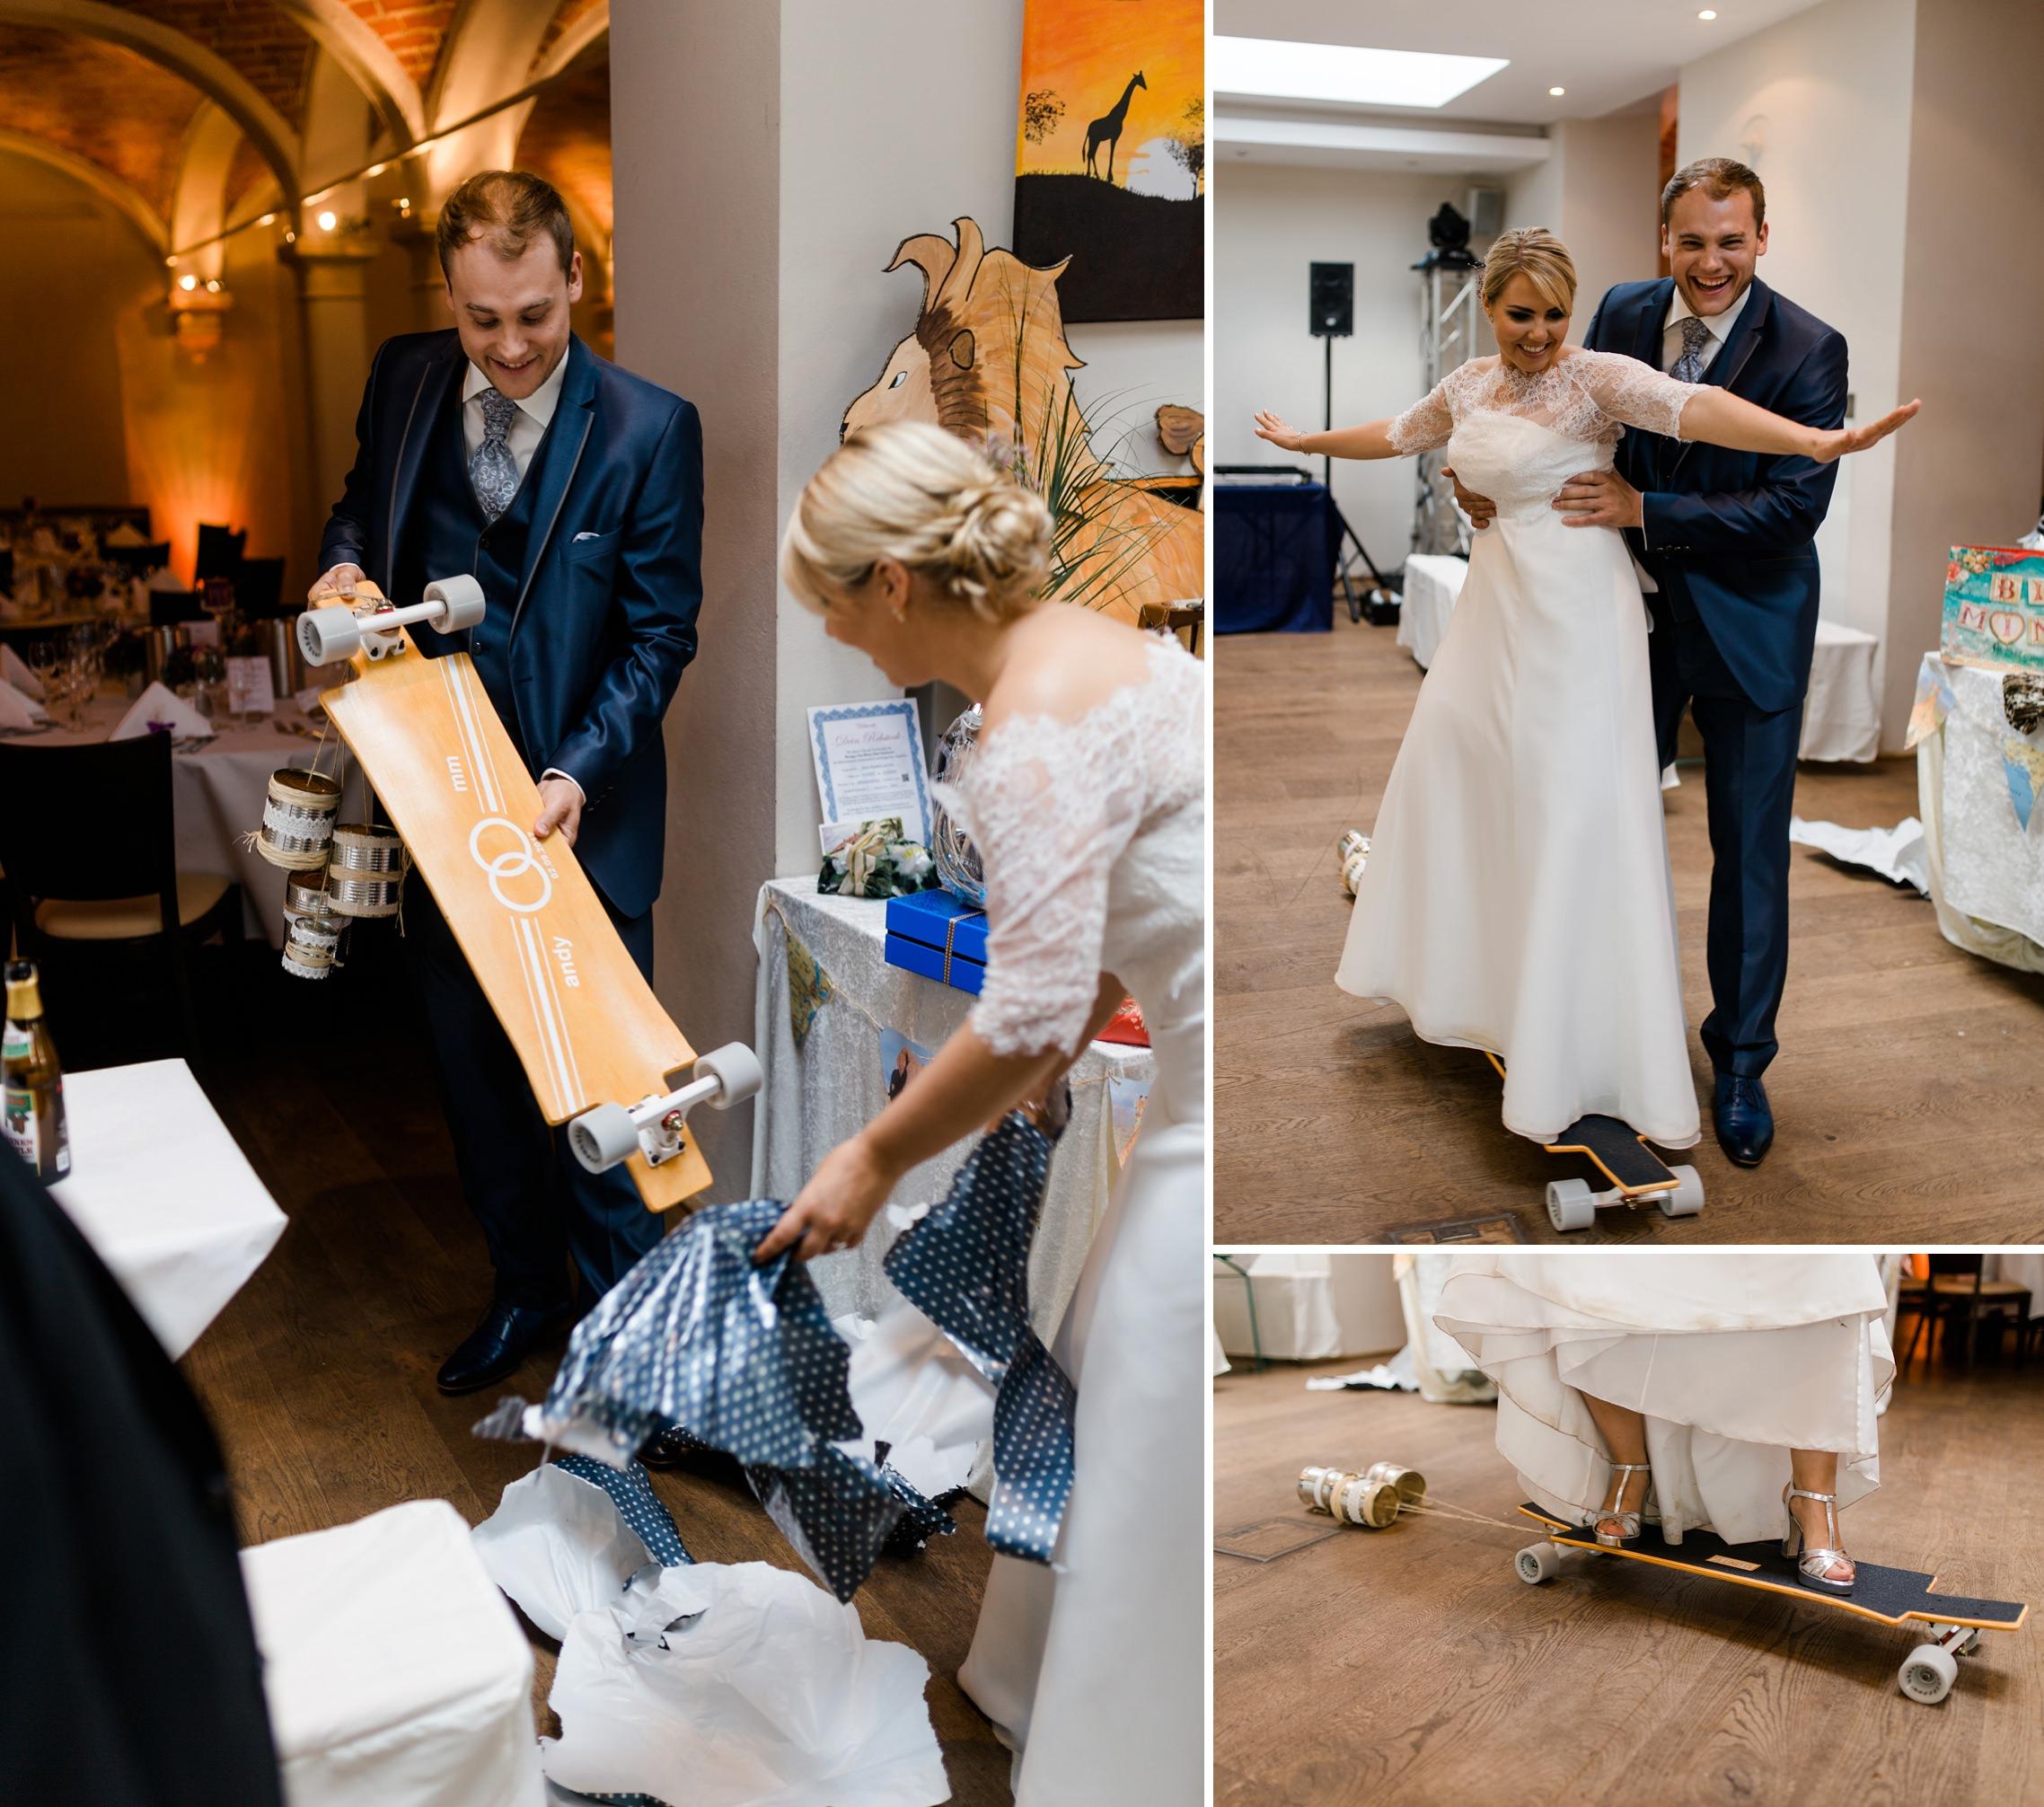 """Das Hochzeitspaar packt ein erstes Geschenk aus: ein Longboard von """"krassundso"""" und probiert dieses direkt aus."""